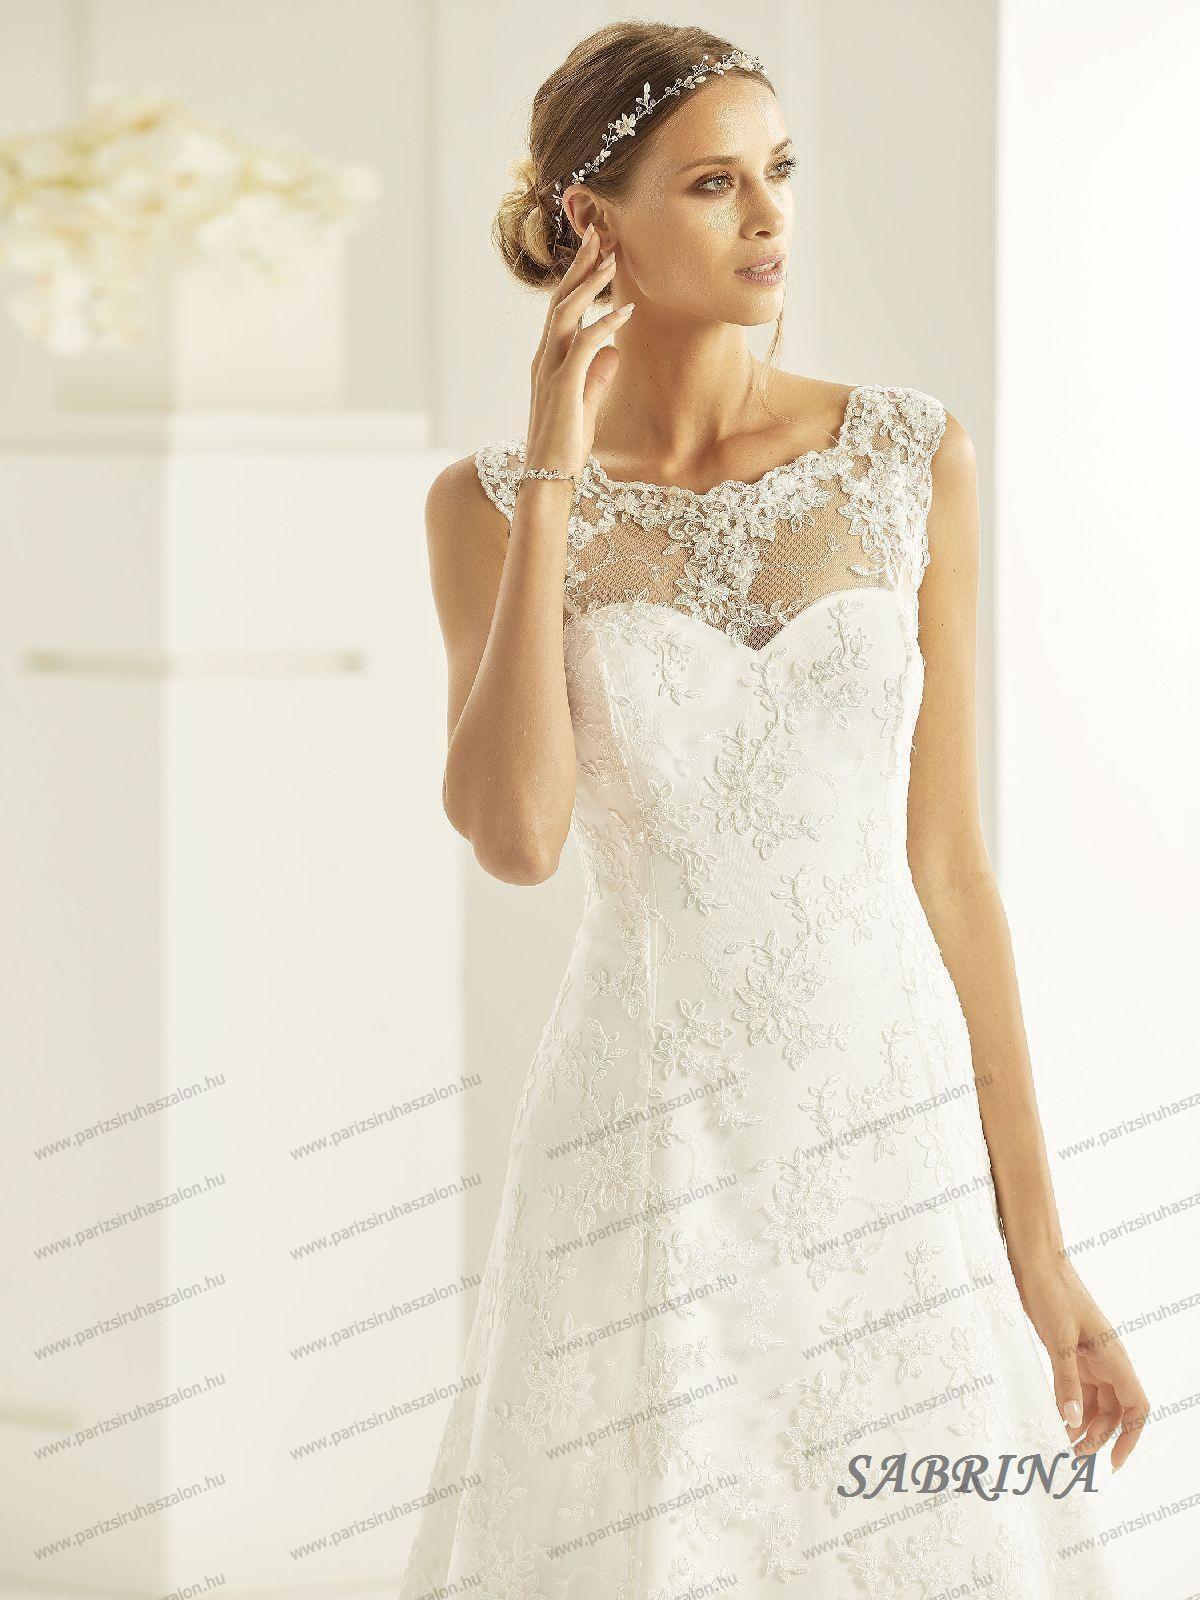 6ba262585f SABRINA menyasszonyi ruha | BIANCO EVENTO német hosszú, és rövid  menyasszonyi ruhák. (cikkszám: SABRINA menyasszonyi ruha)